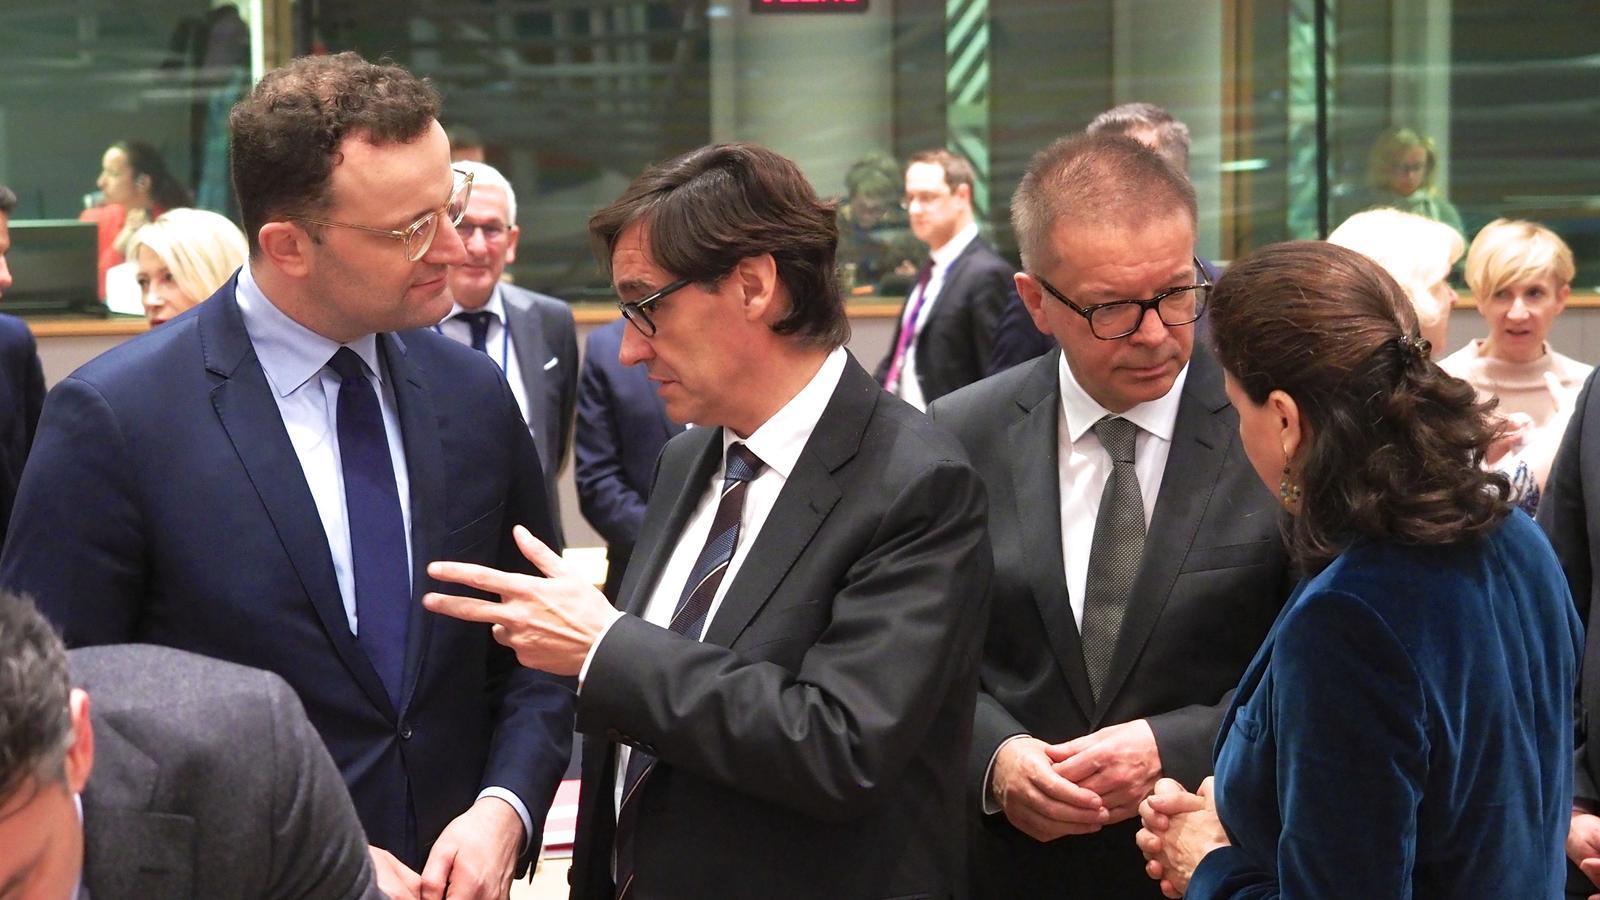 El ministre de Sanitat  d'Espanya, Salvador Illa, en la reunió amb els seus homòlegs europeus